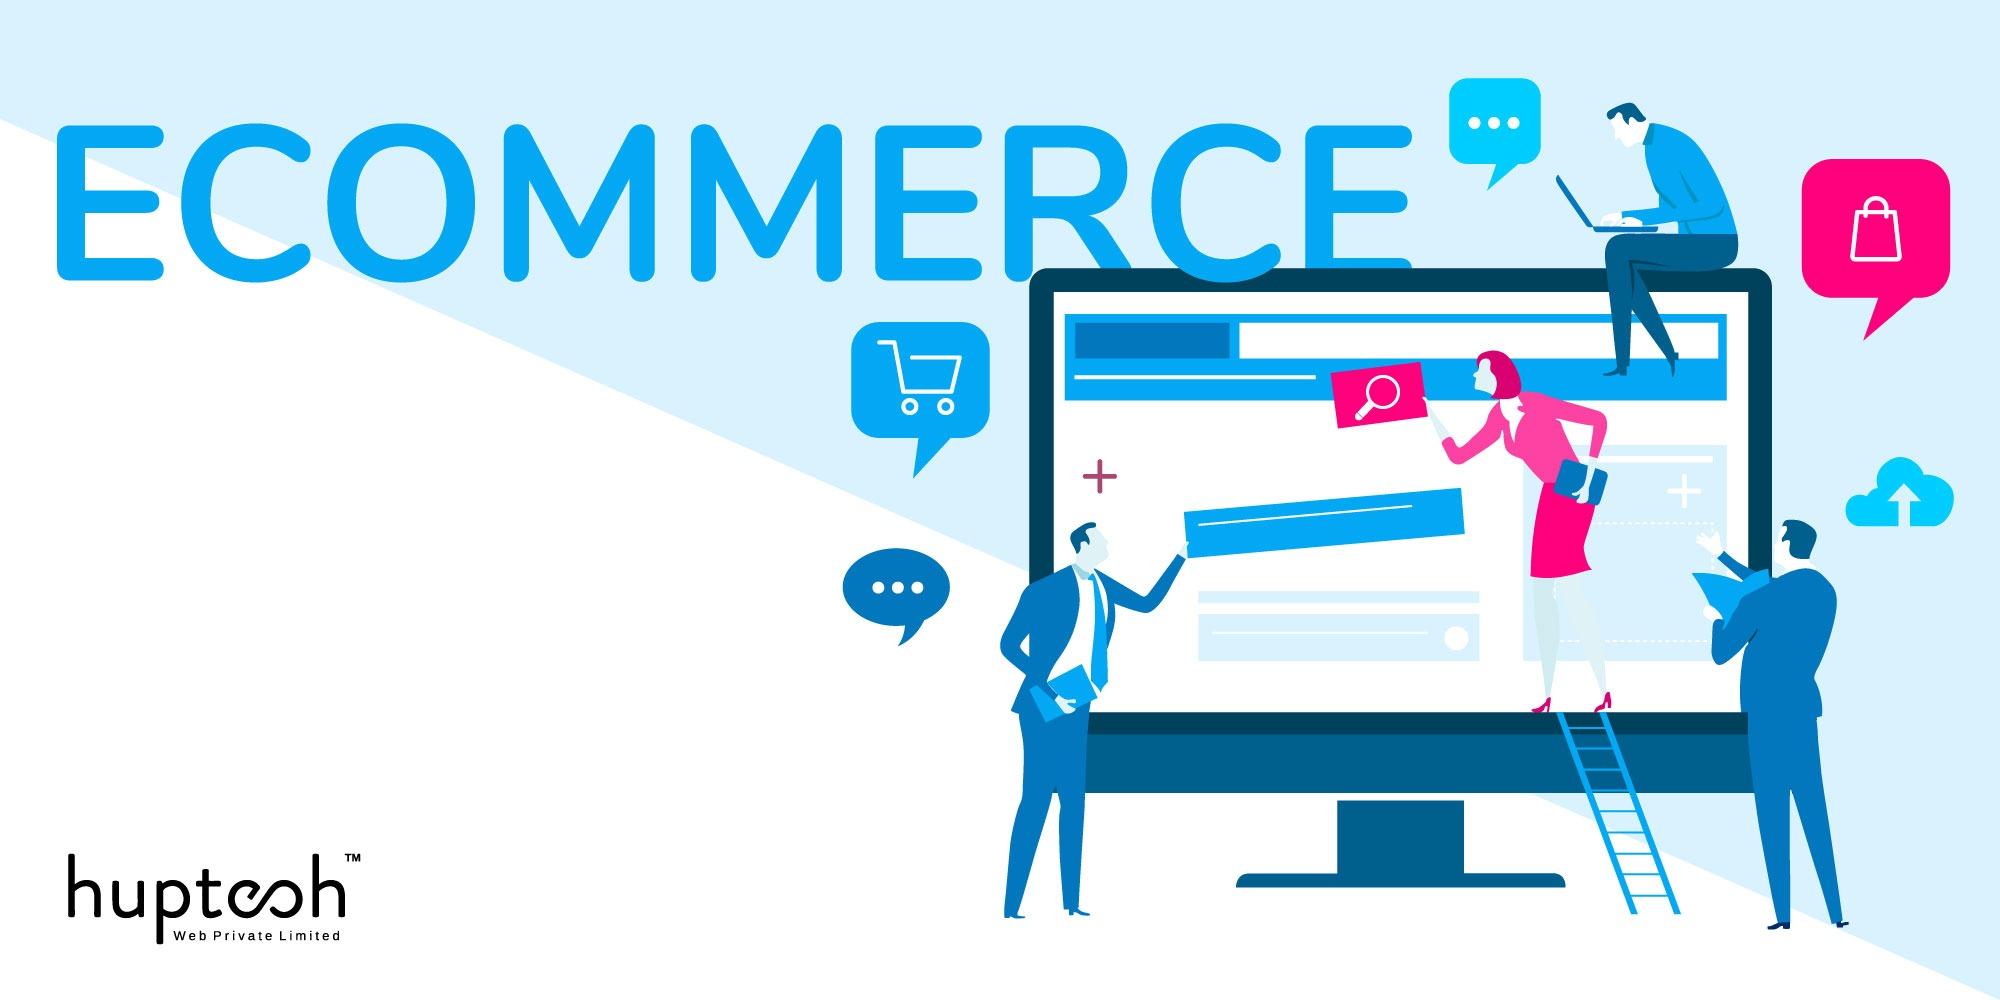 ecommerce web development guide